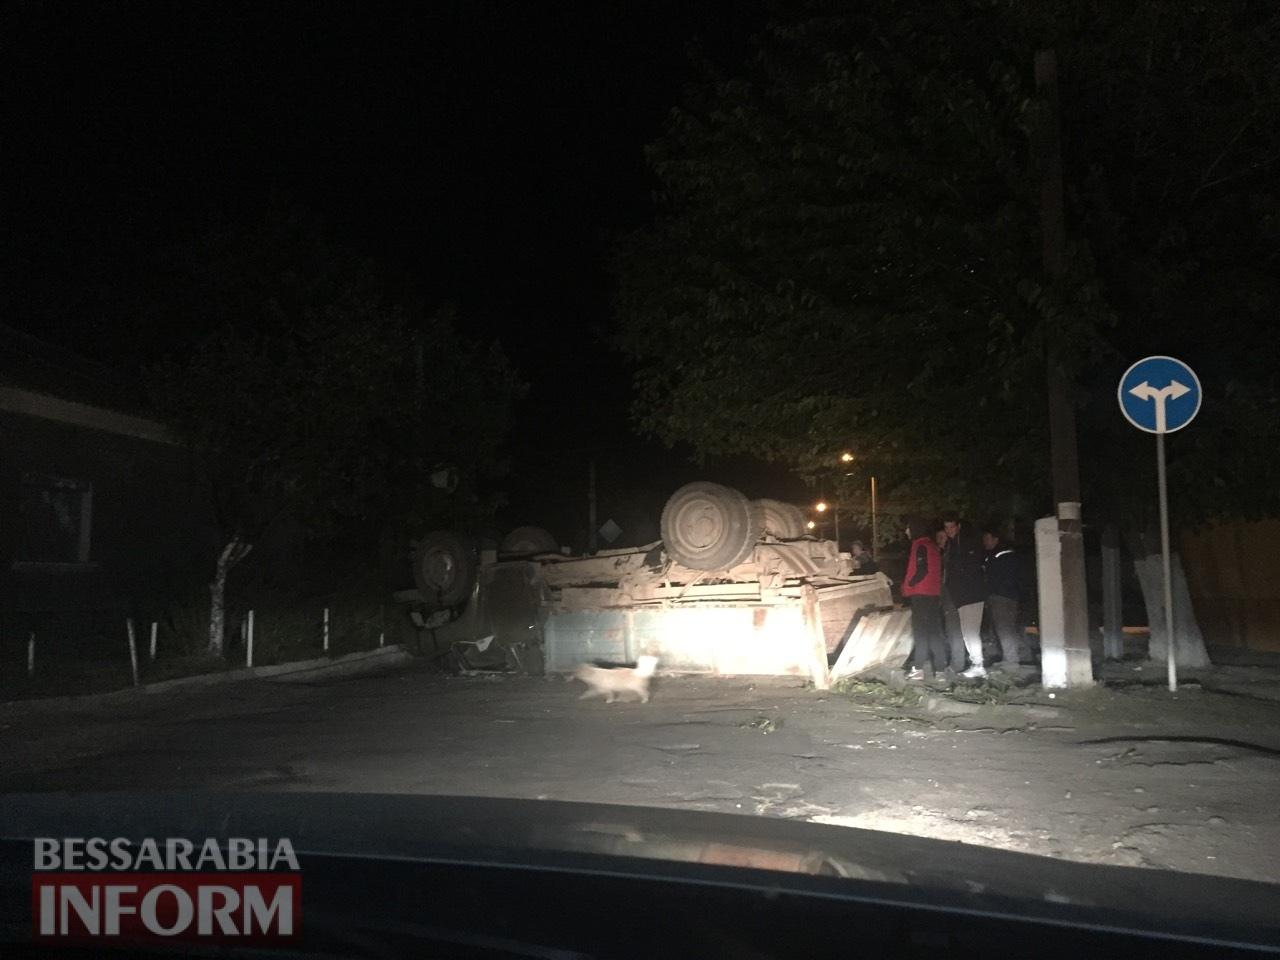 59d28802e2369_viber-image ДТП в Измаиле: возле автостанции микроавтобус Volkswagen Transporter перевернул ЗИЛ